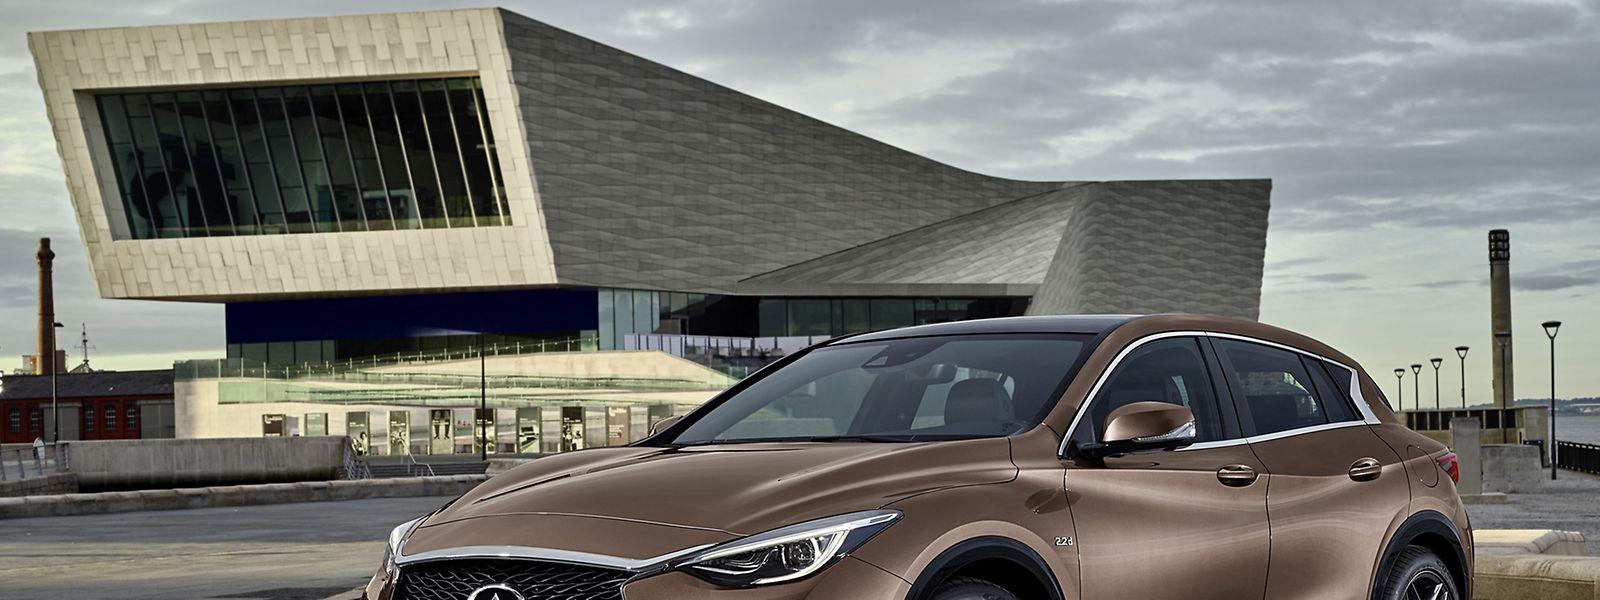 Neu auf dem Golf-Platz: Infiniti zeigt mit dem Q30 das erste eigene Kompaktmodell.